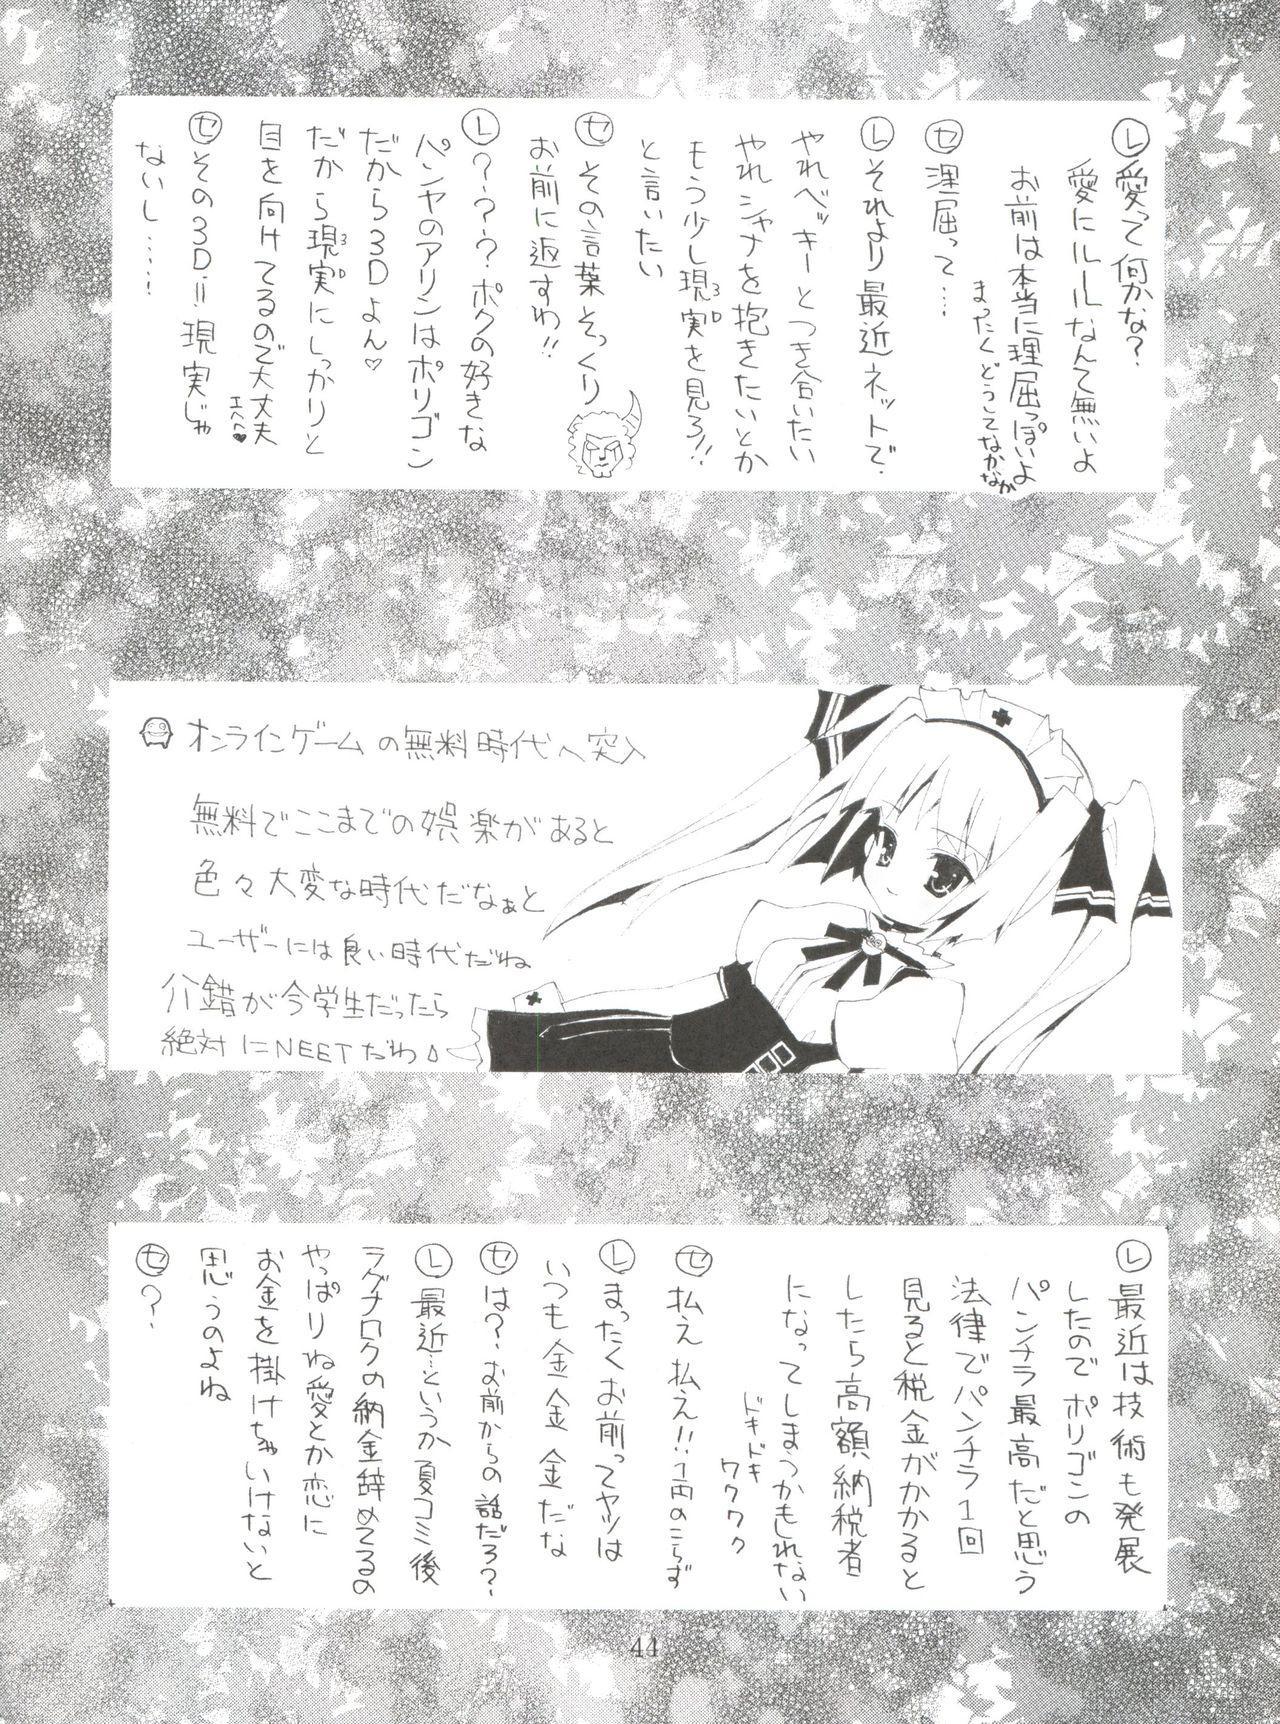 Chikyuu Tokusoutai Kaishaku 42